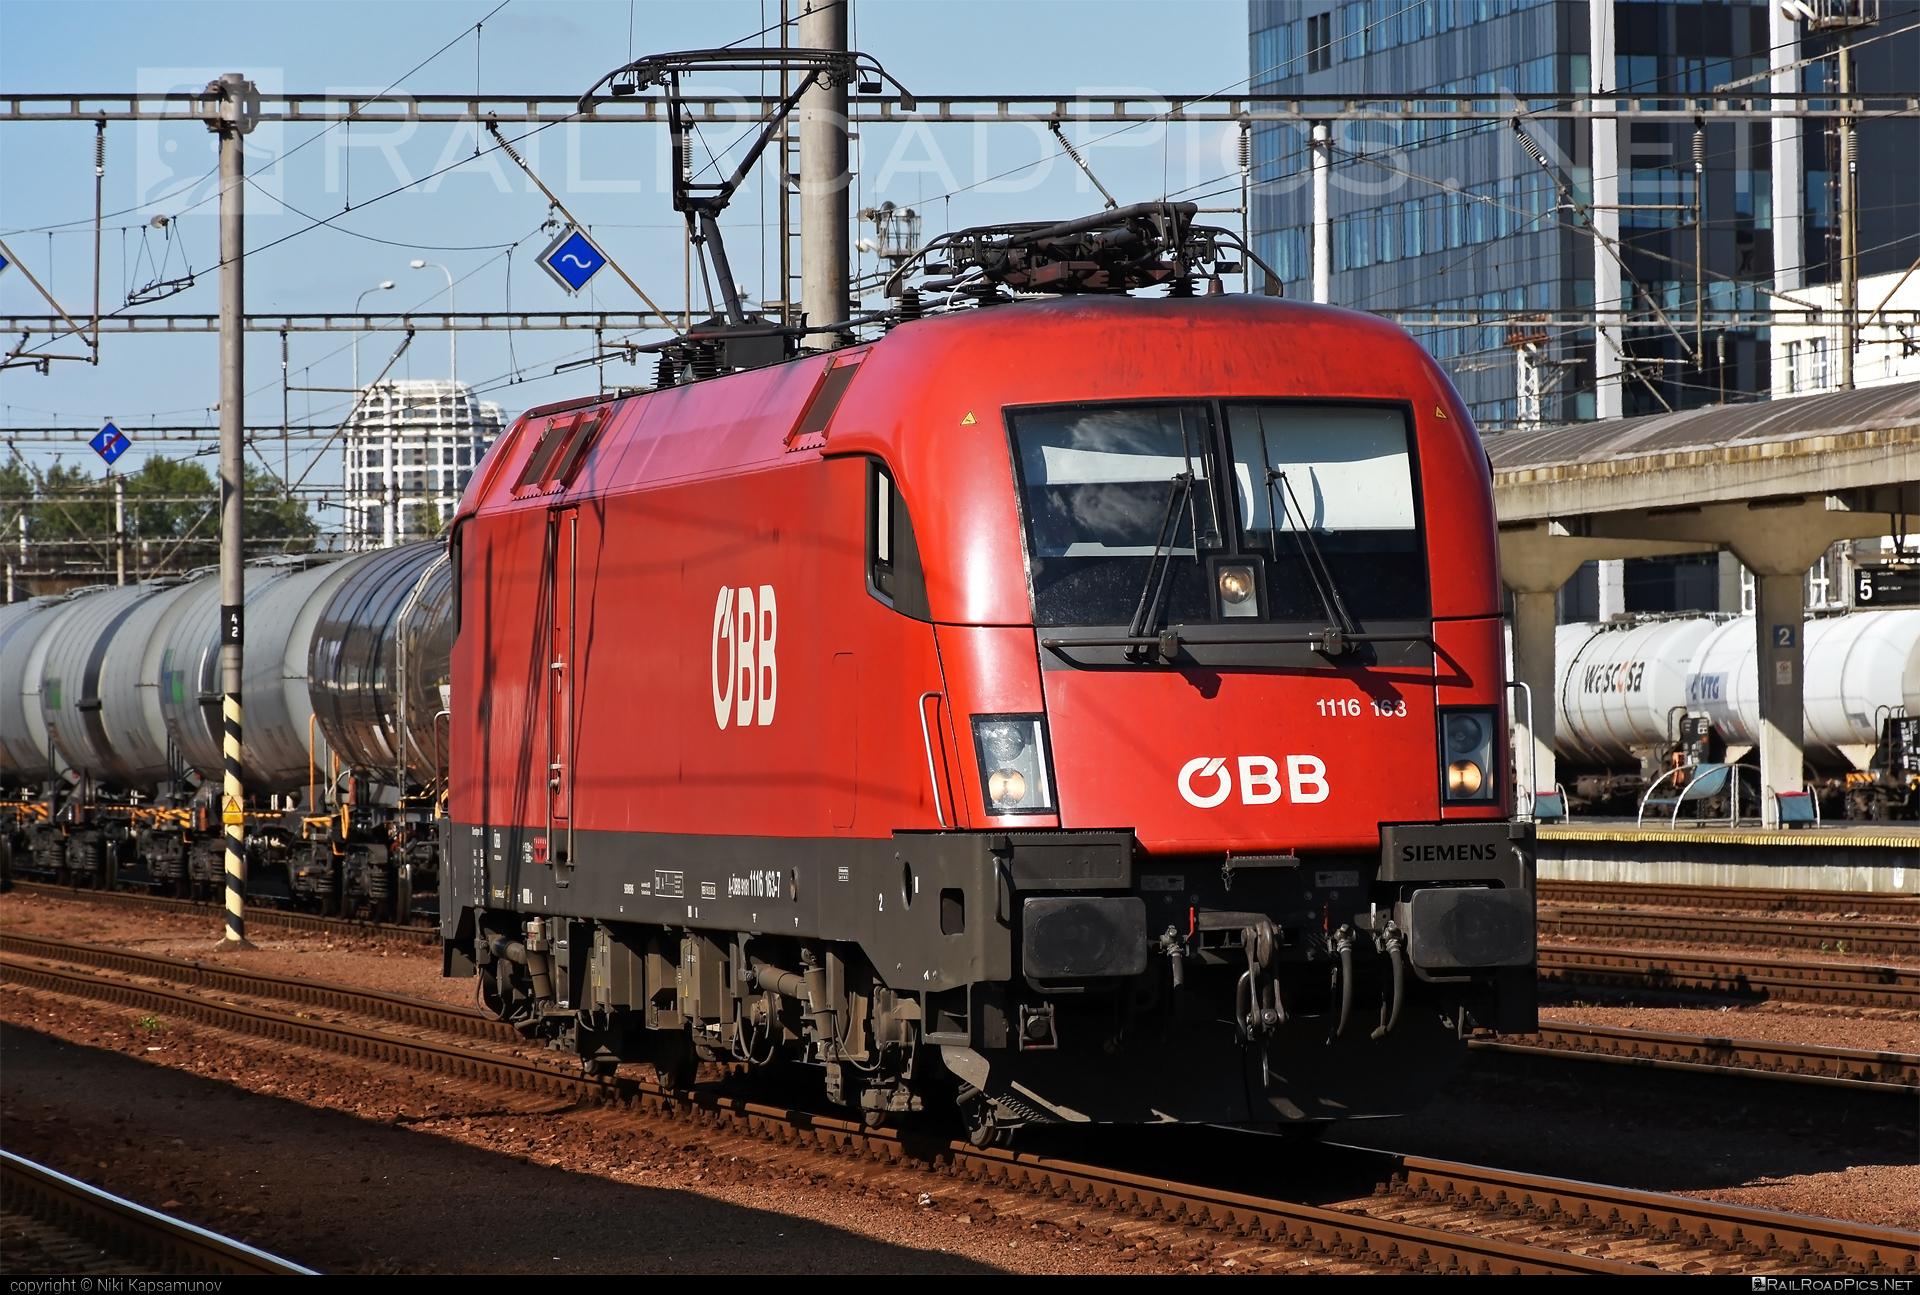 Siemens ES 64 U2 - 1116 163 operated by Österreichische Bundesbahnen #es64 #es64u #es64u2 #eurosprinter #obb #osterreichischebundesbahnen #siemens #siemenses64 #siemenses64u #siemenses64u2 #siemenstaurus #tauruslocomotive